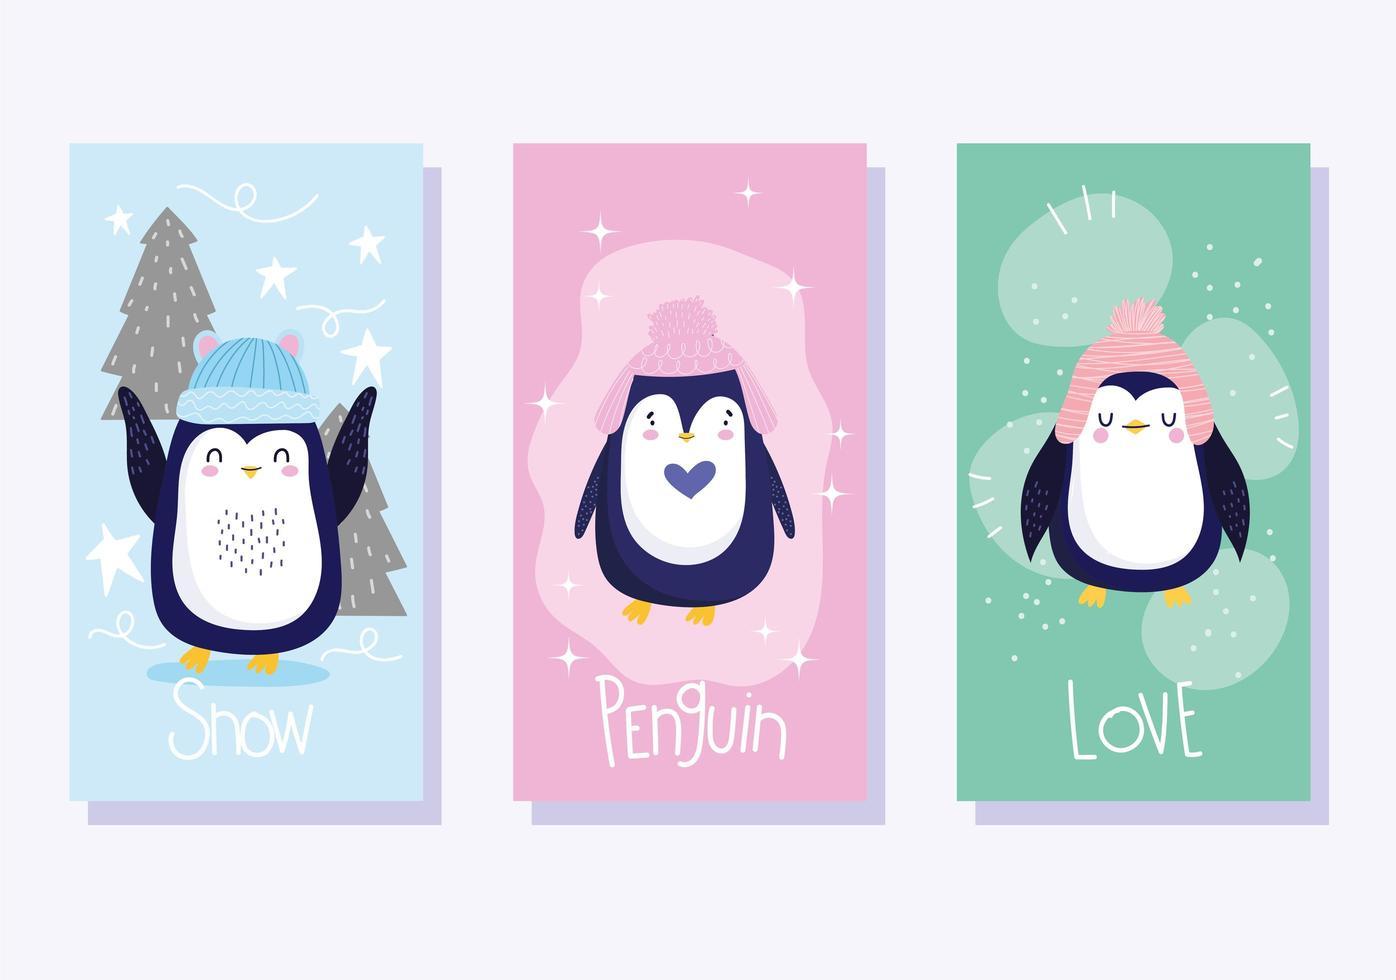 pingüinos con sombreros y banner de árboles. vector